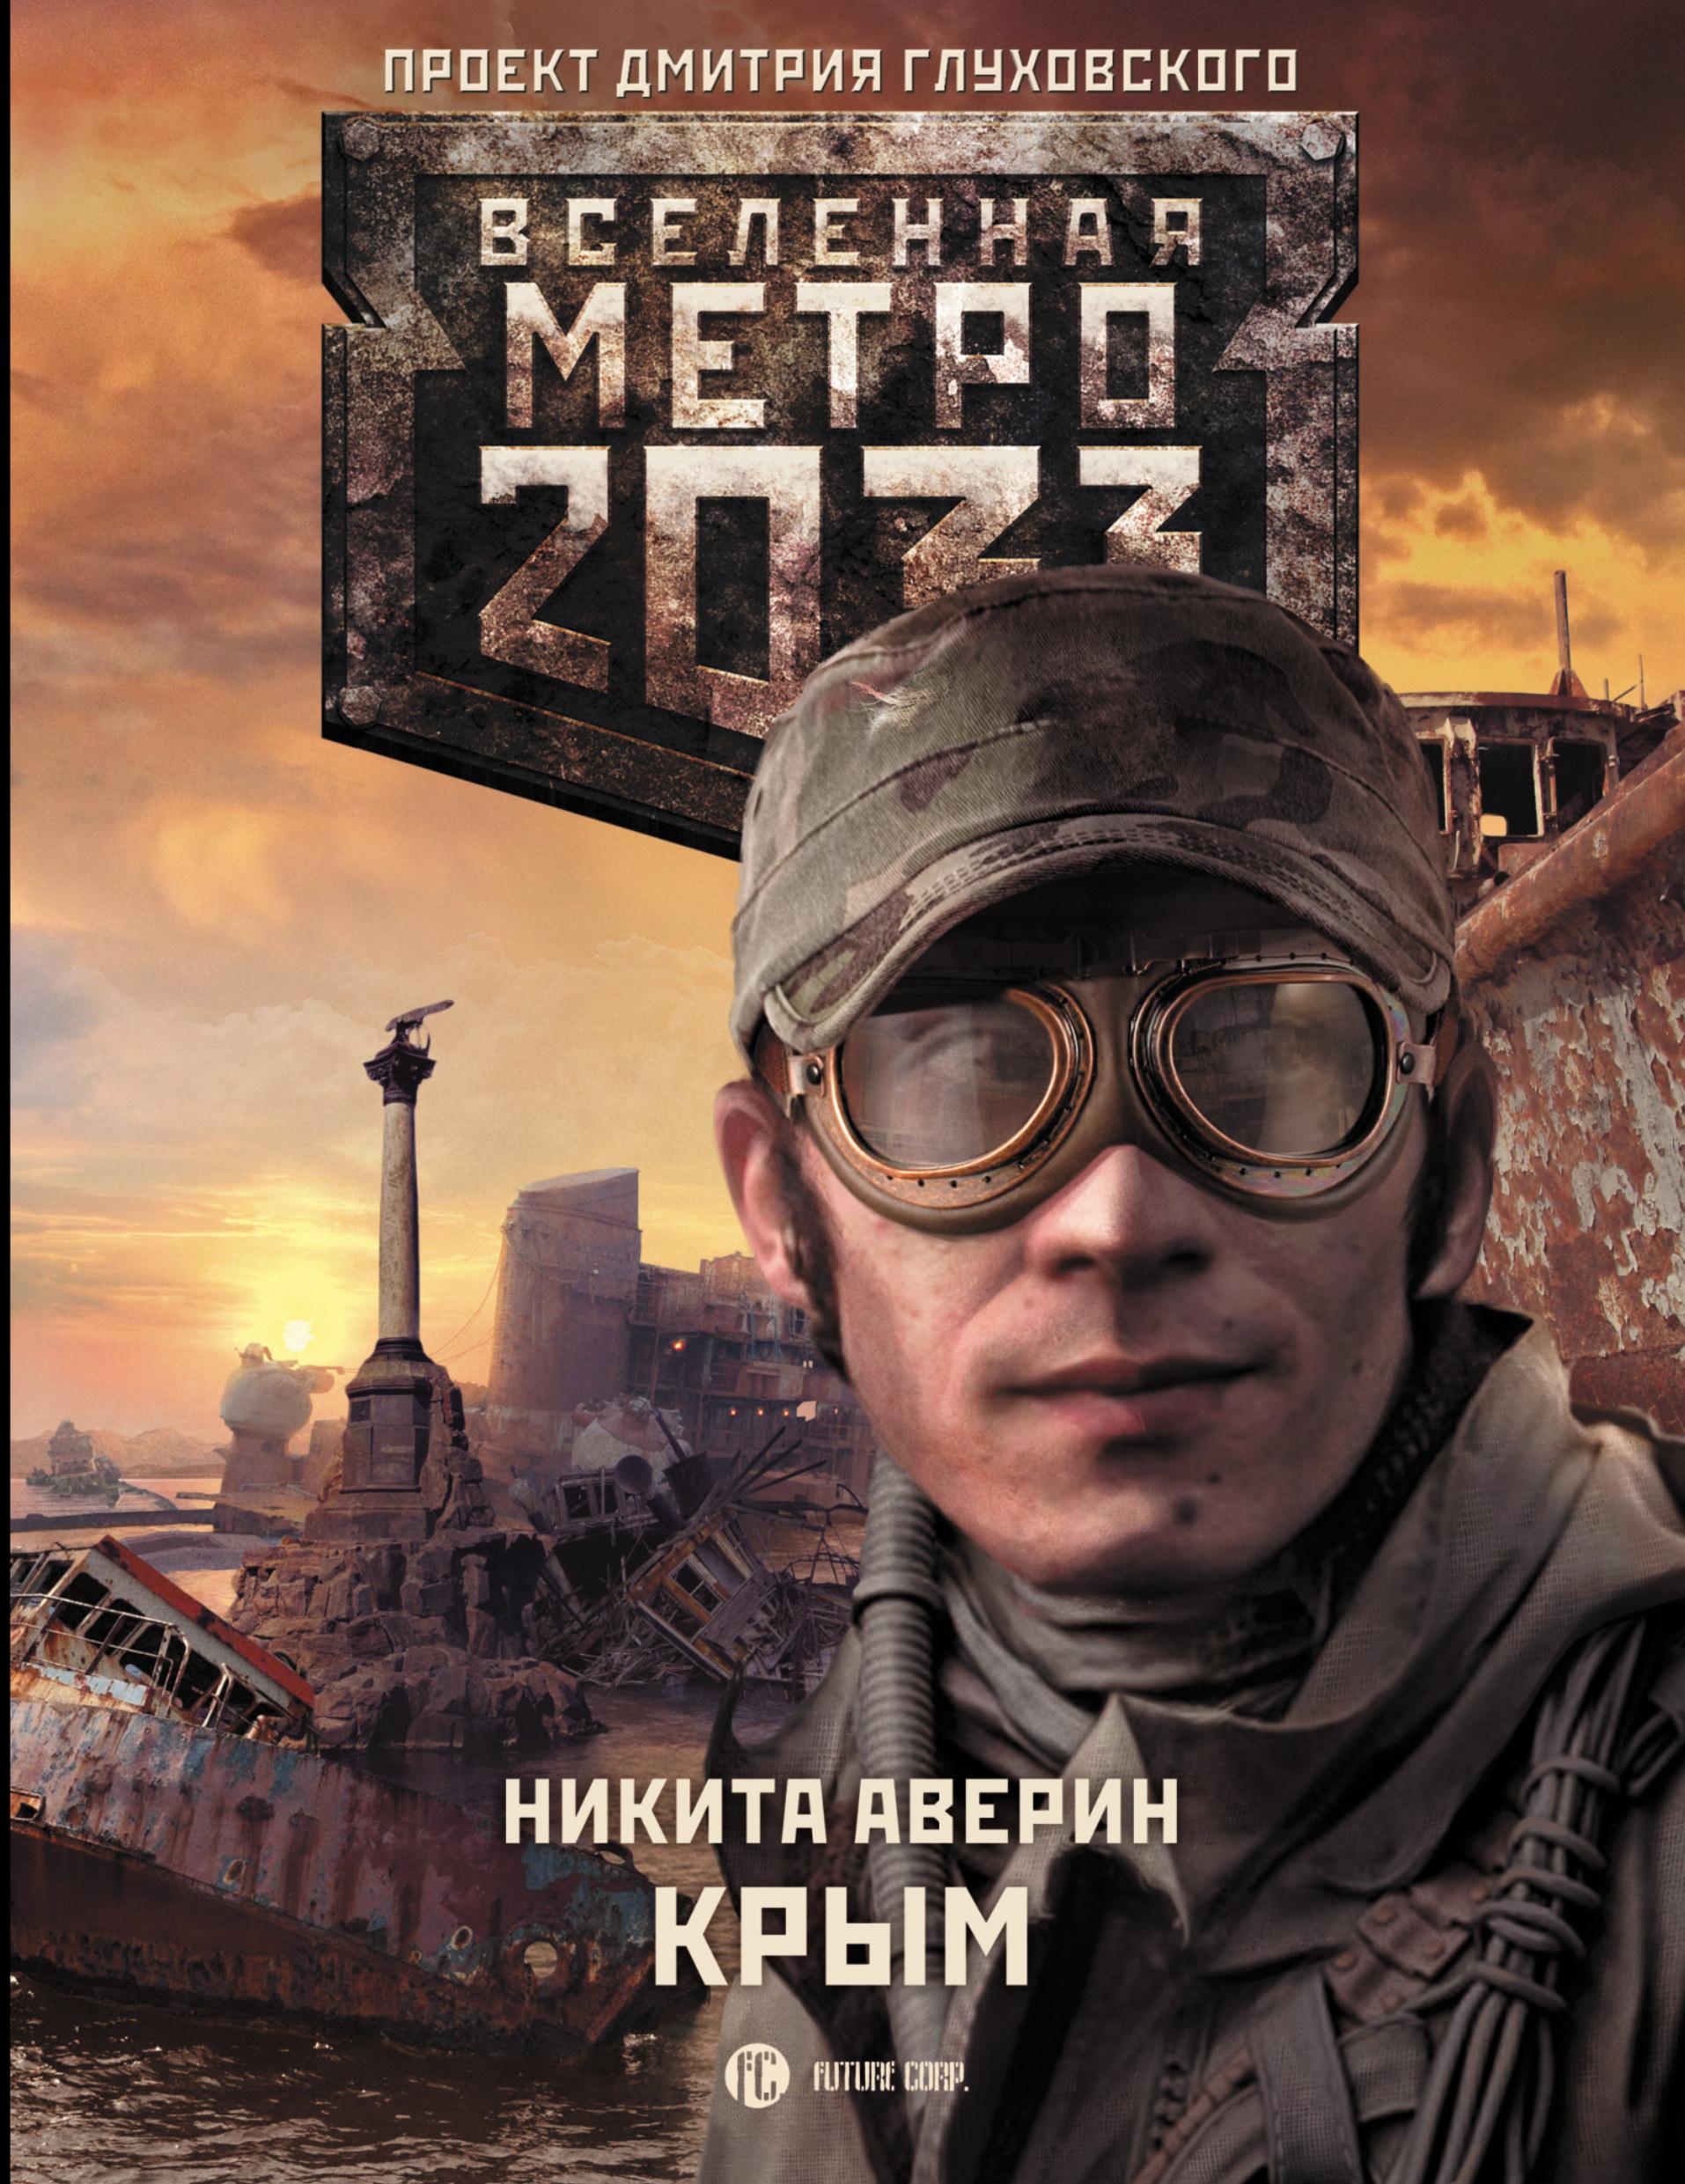 МЕТРО 2033 КРЫМ 2 FB2 СКАЧАТЬ БЕСПЛАТНО